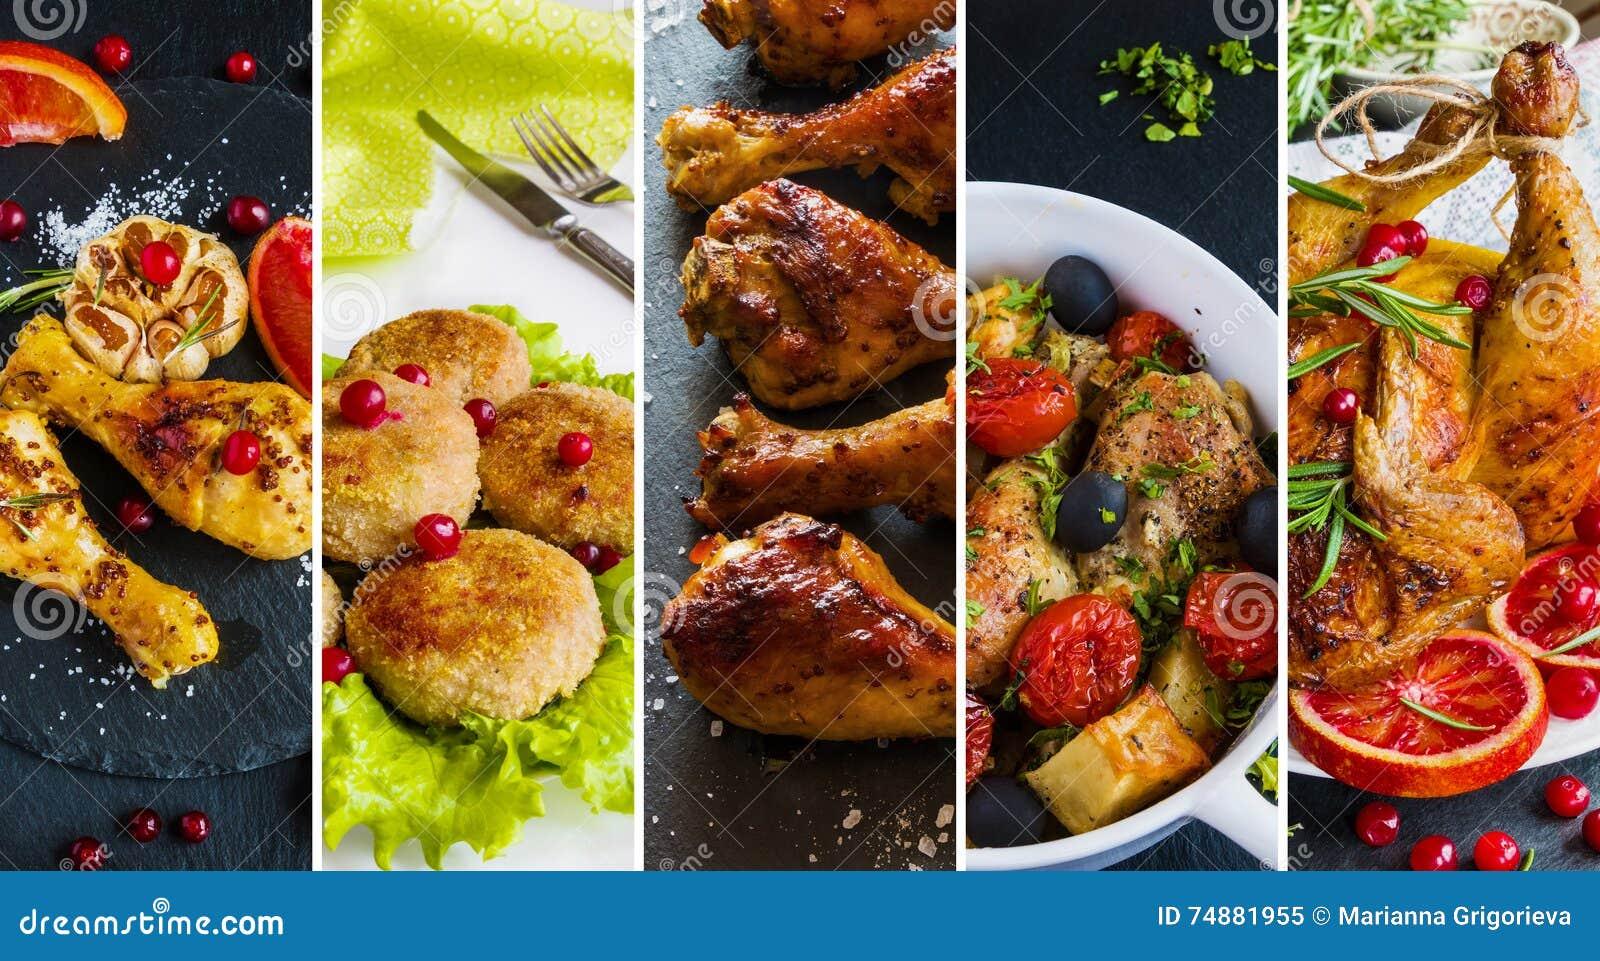 Colagem das fotos de pratos diferentes com galinha